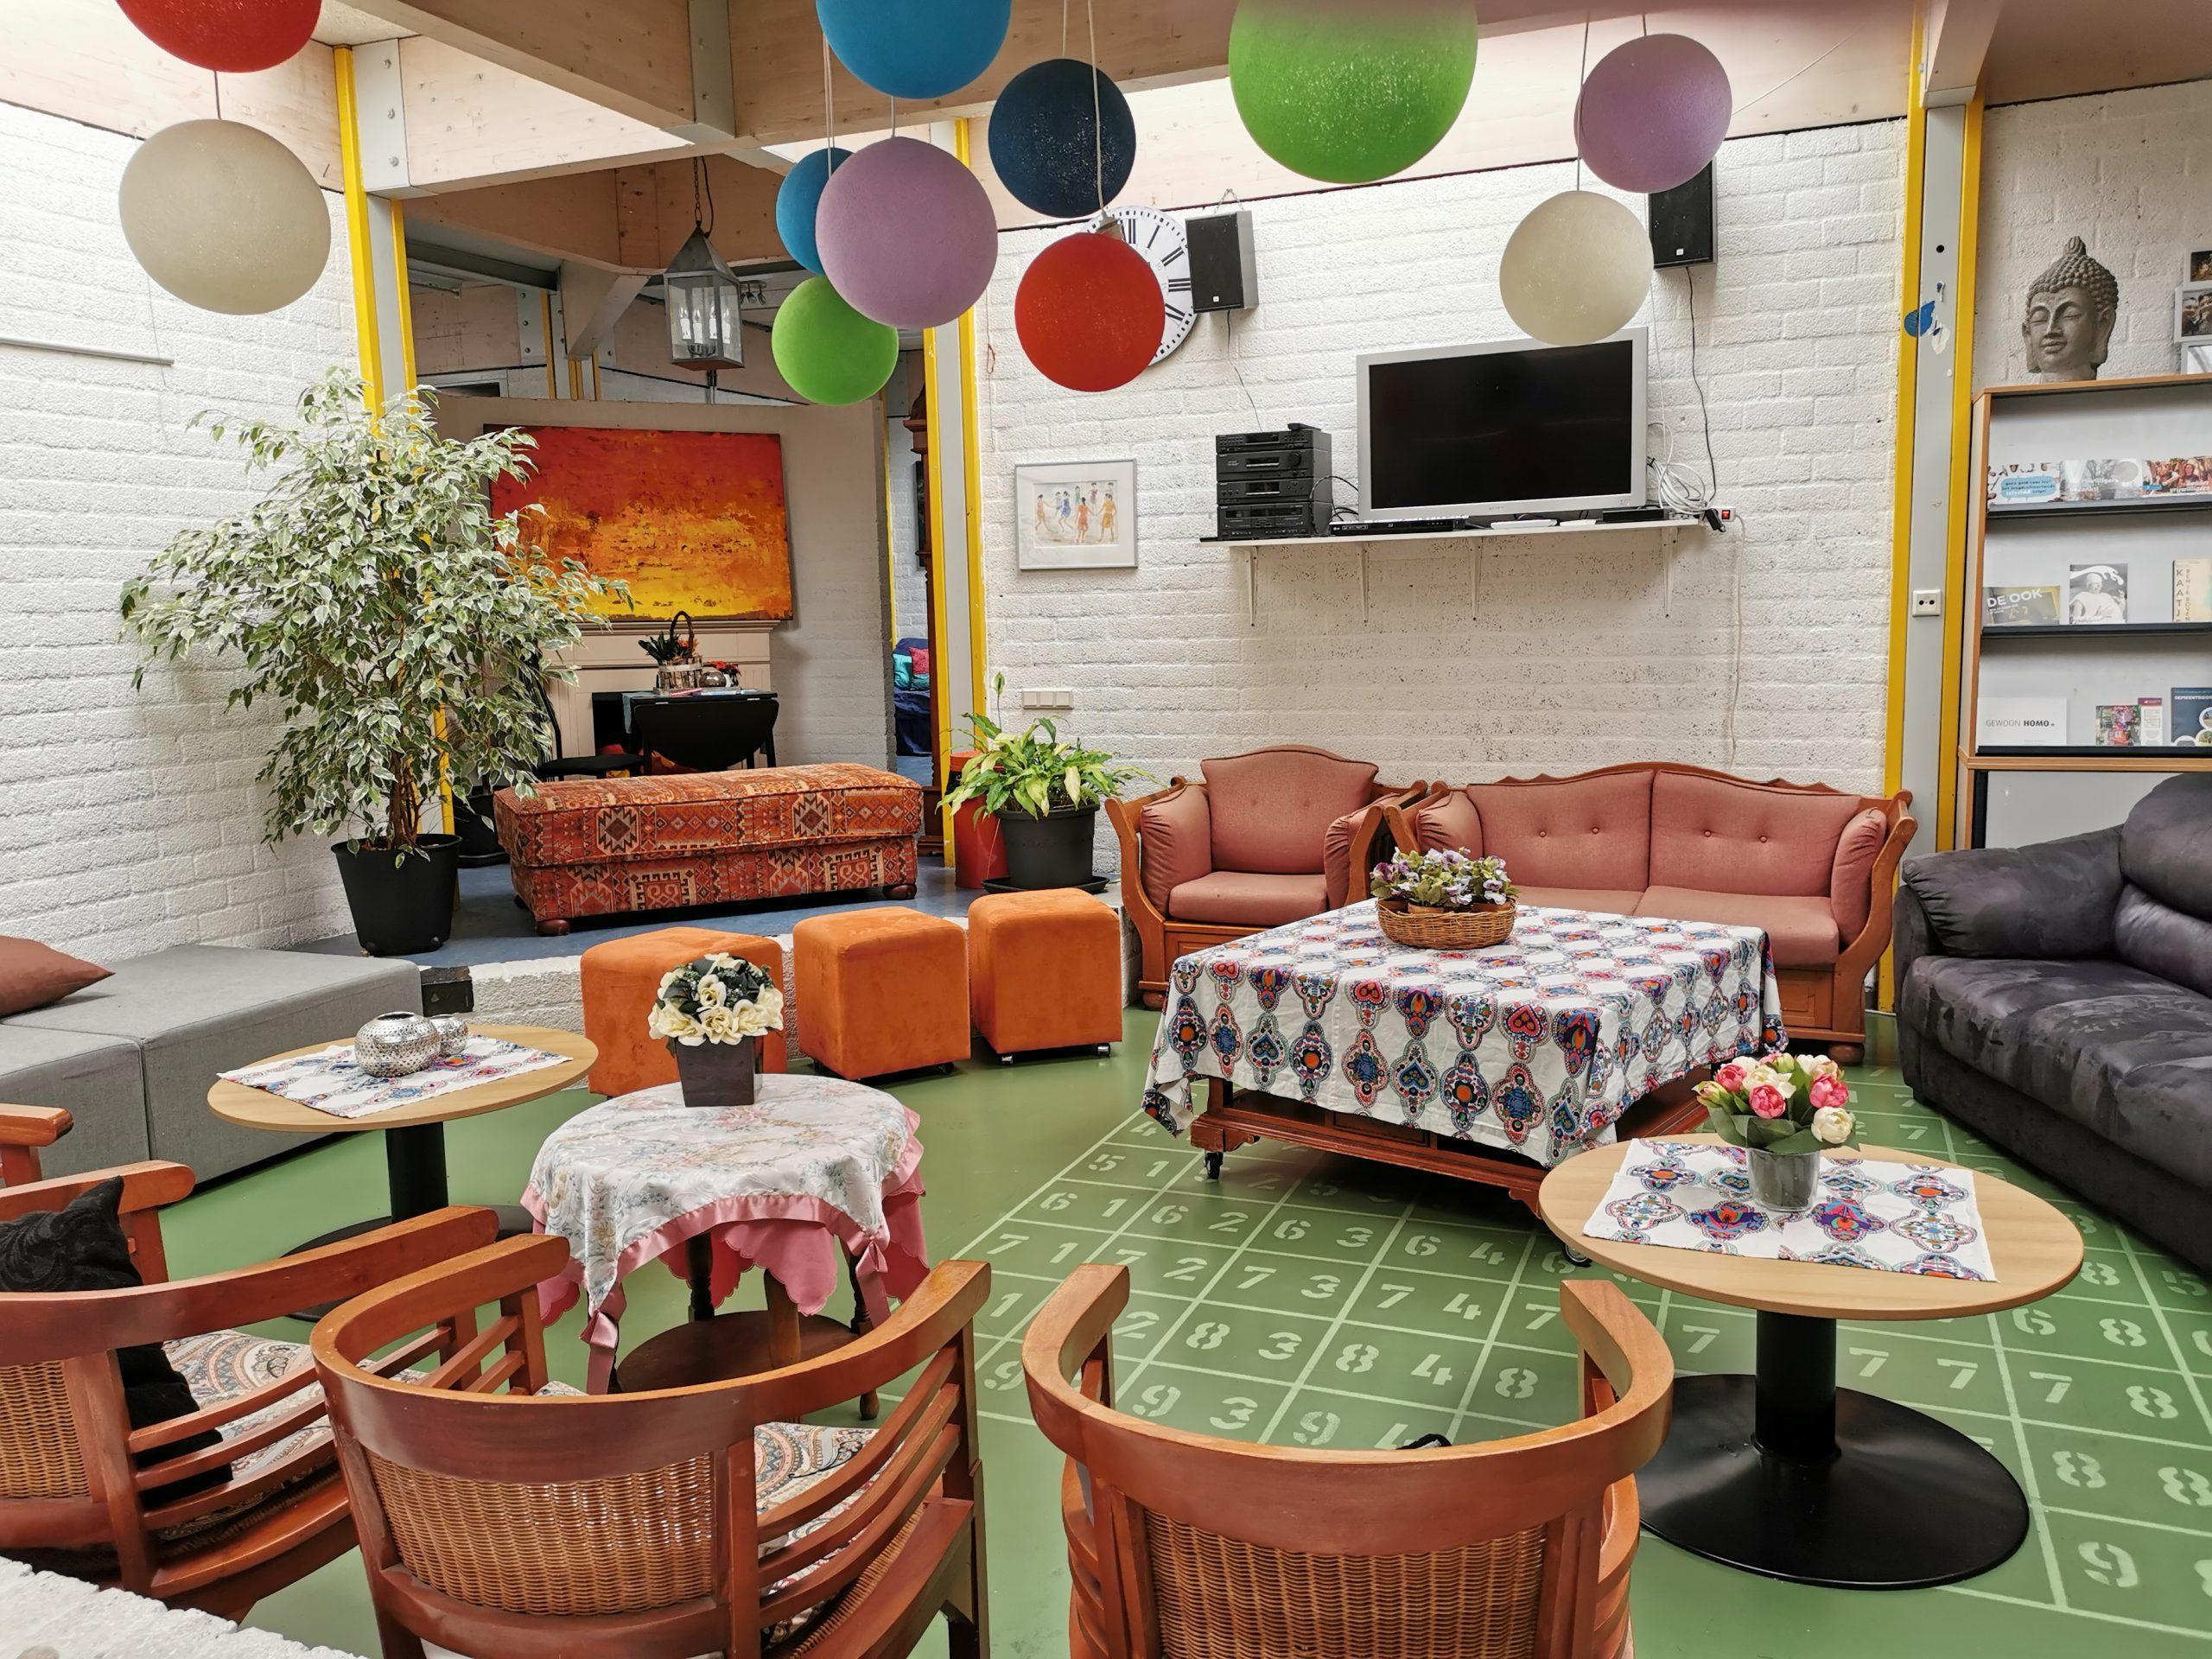 Onze lounge ruimte